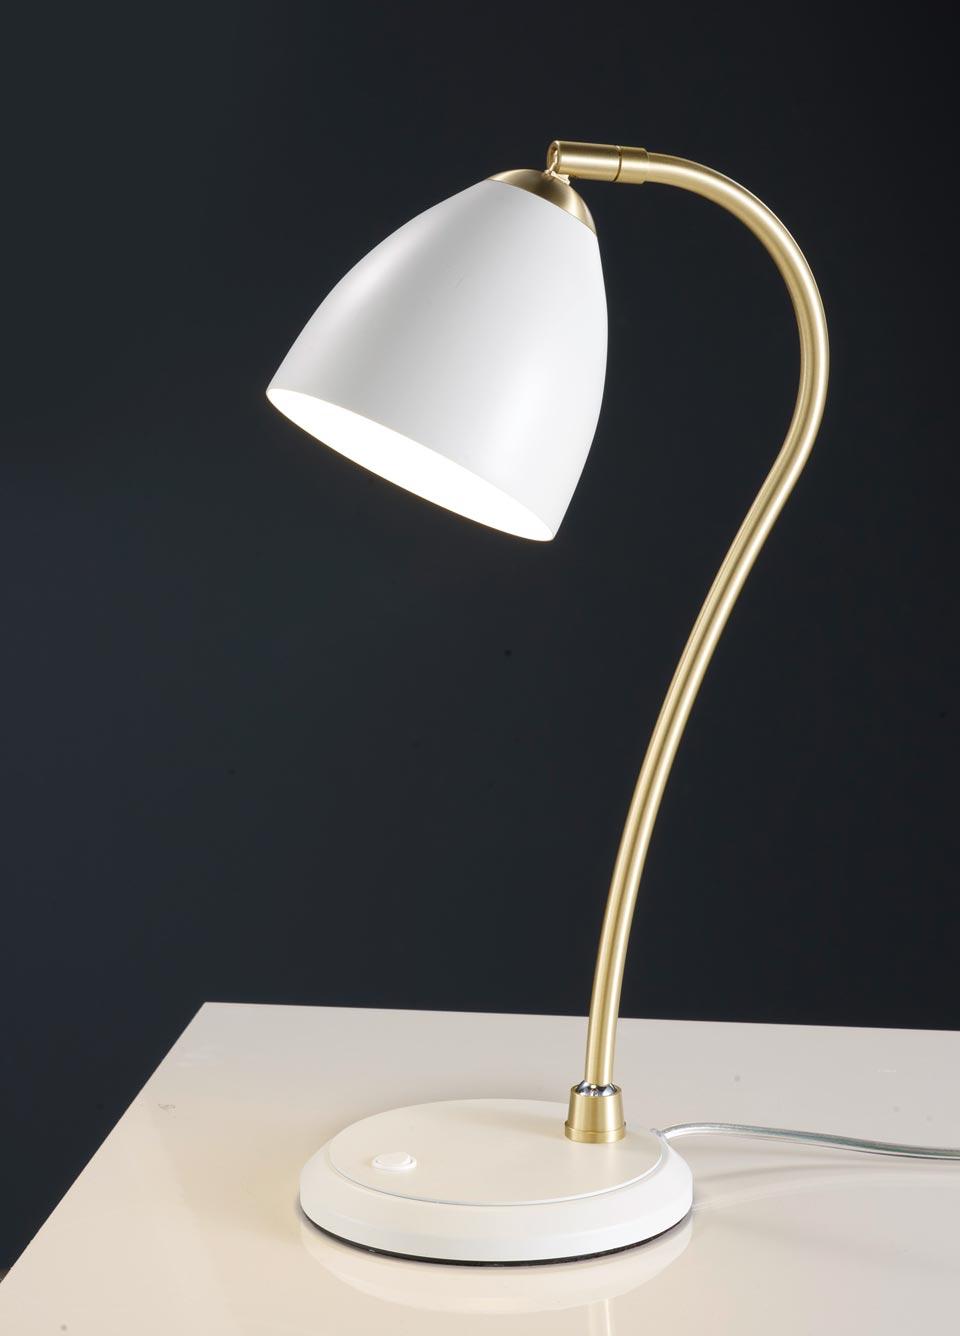 Lampe de table blanche et laiton satiné. Baulmann Leuchten.